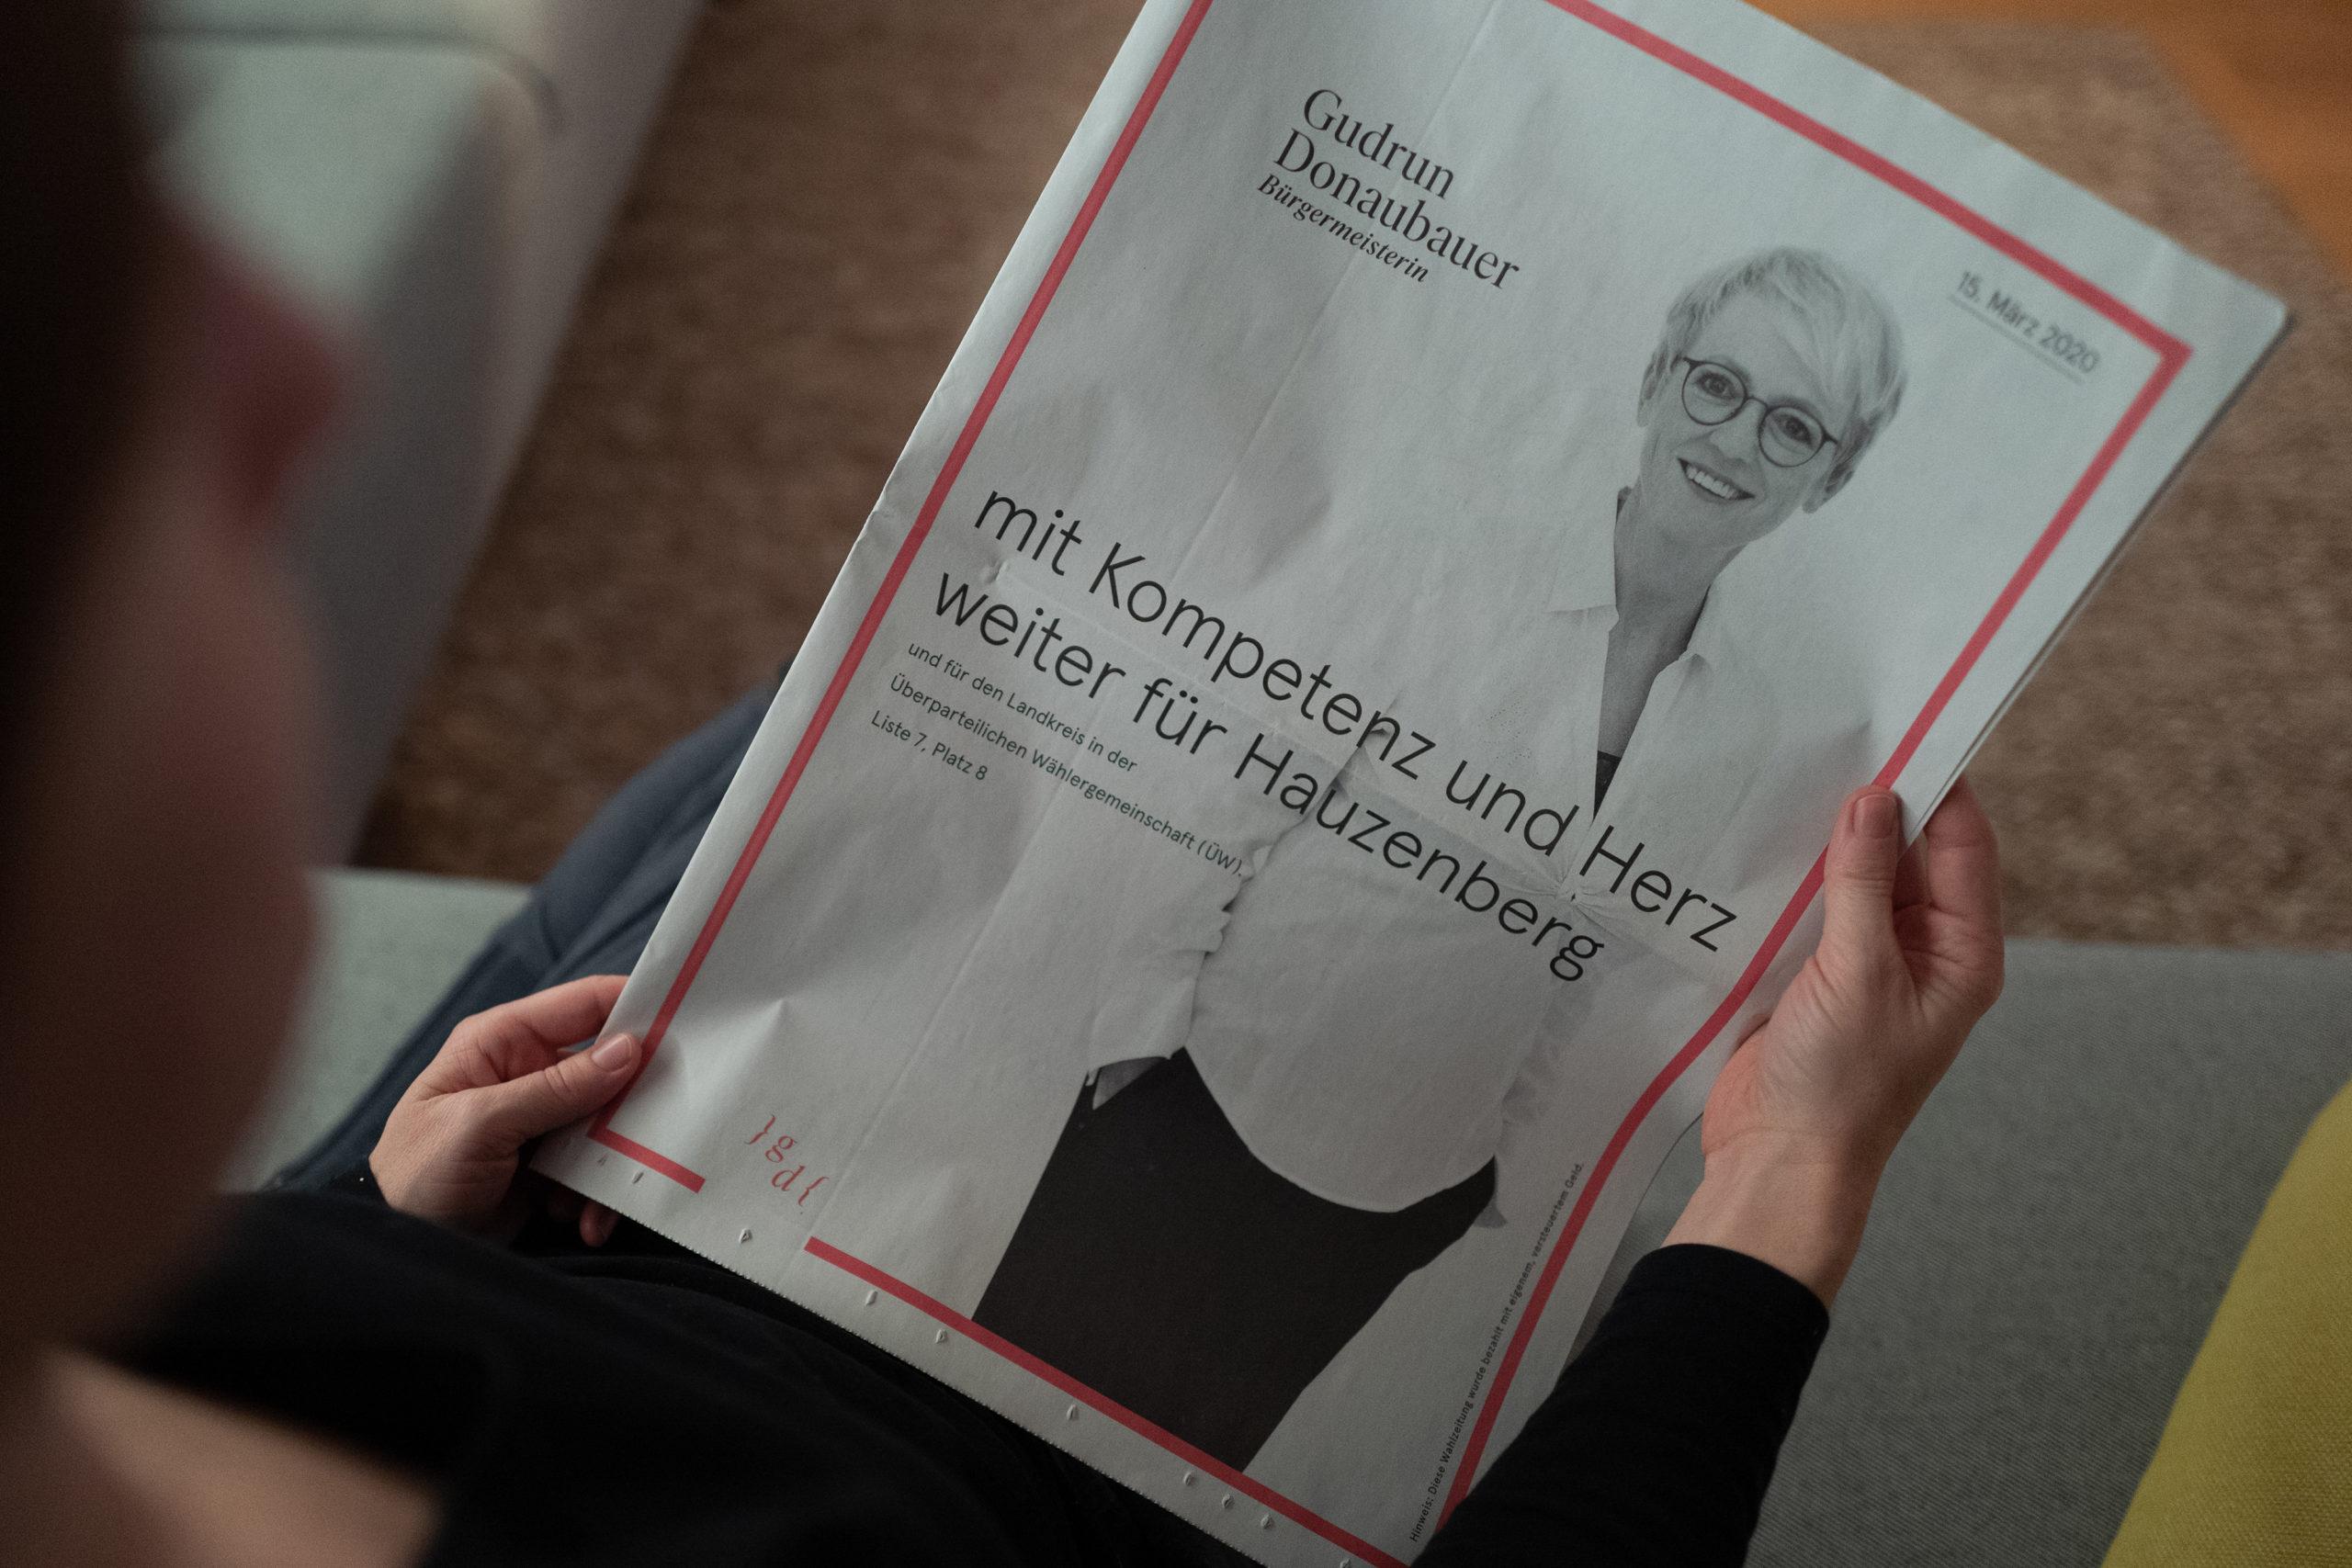 Wahlzeitung von Gudrun Donaubauer